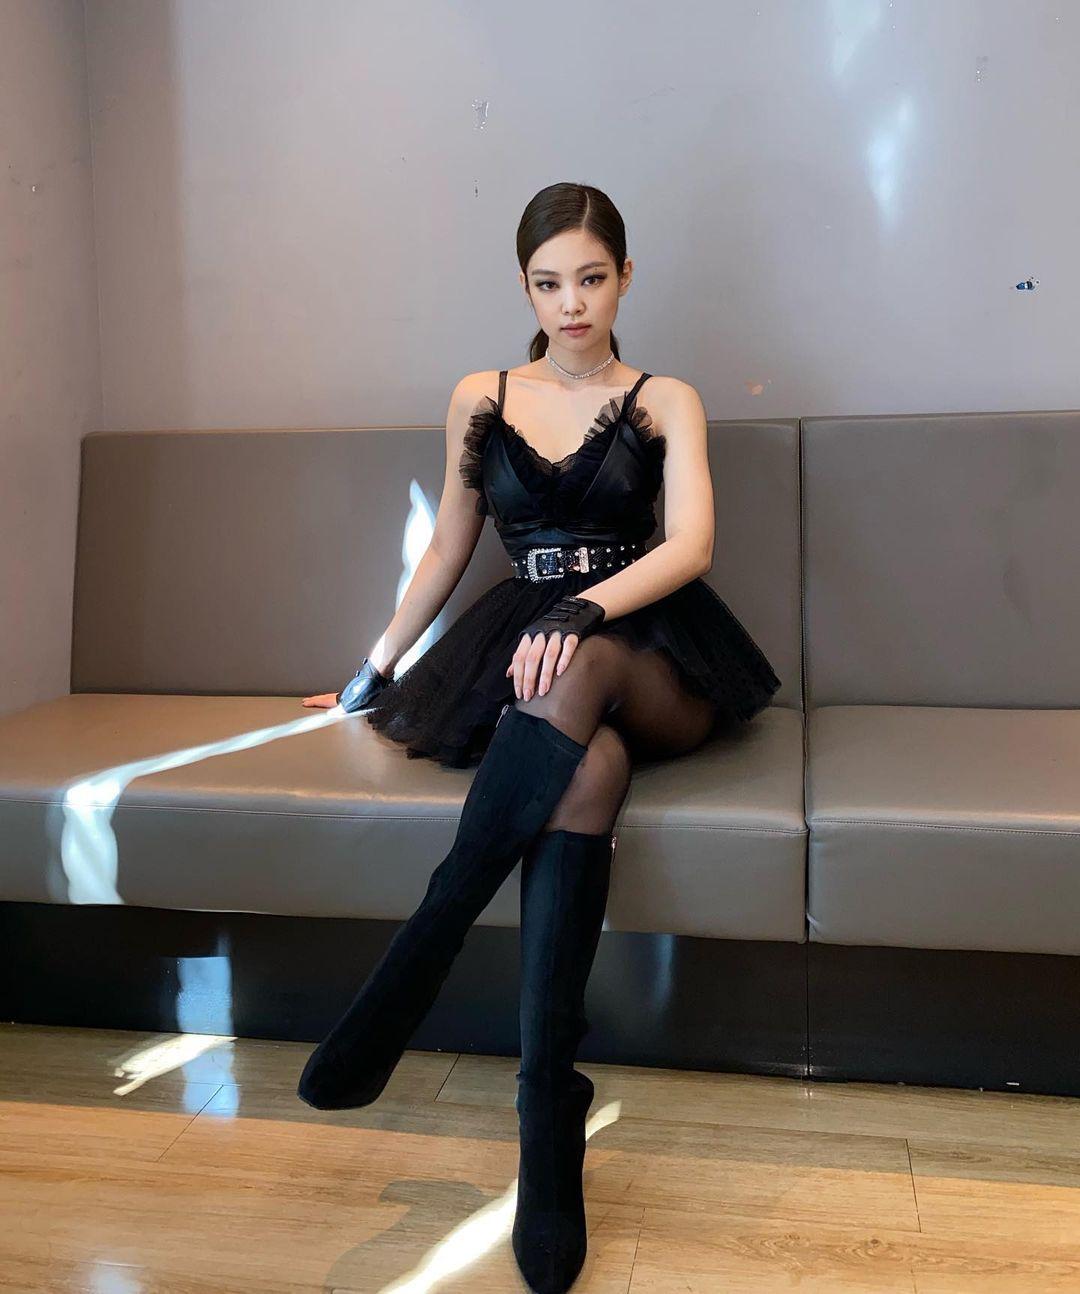 Jennie đặc biệt chỗ này: Mỗi lần lên đồ khoe vai 90 độ sexy là làm fan thổn thức - Ảnh 9.